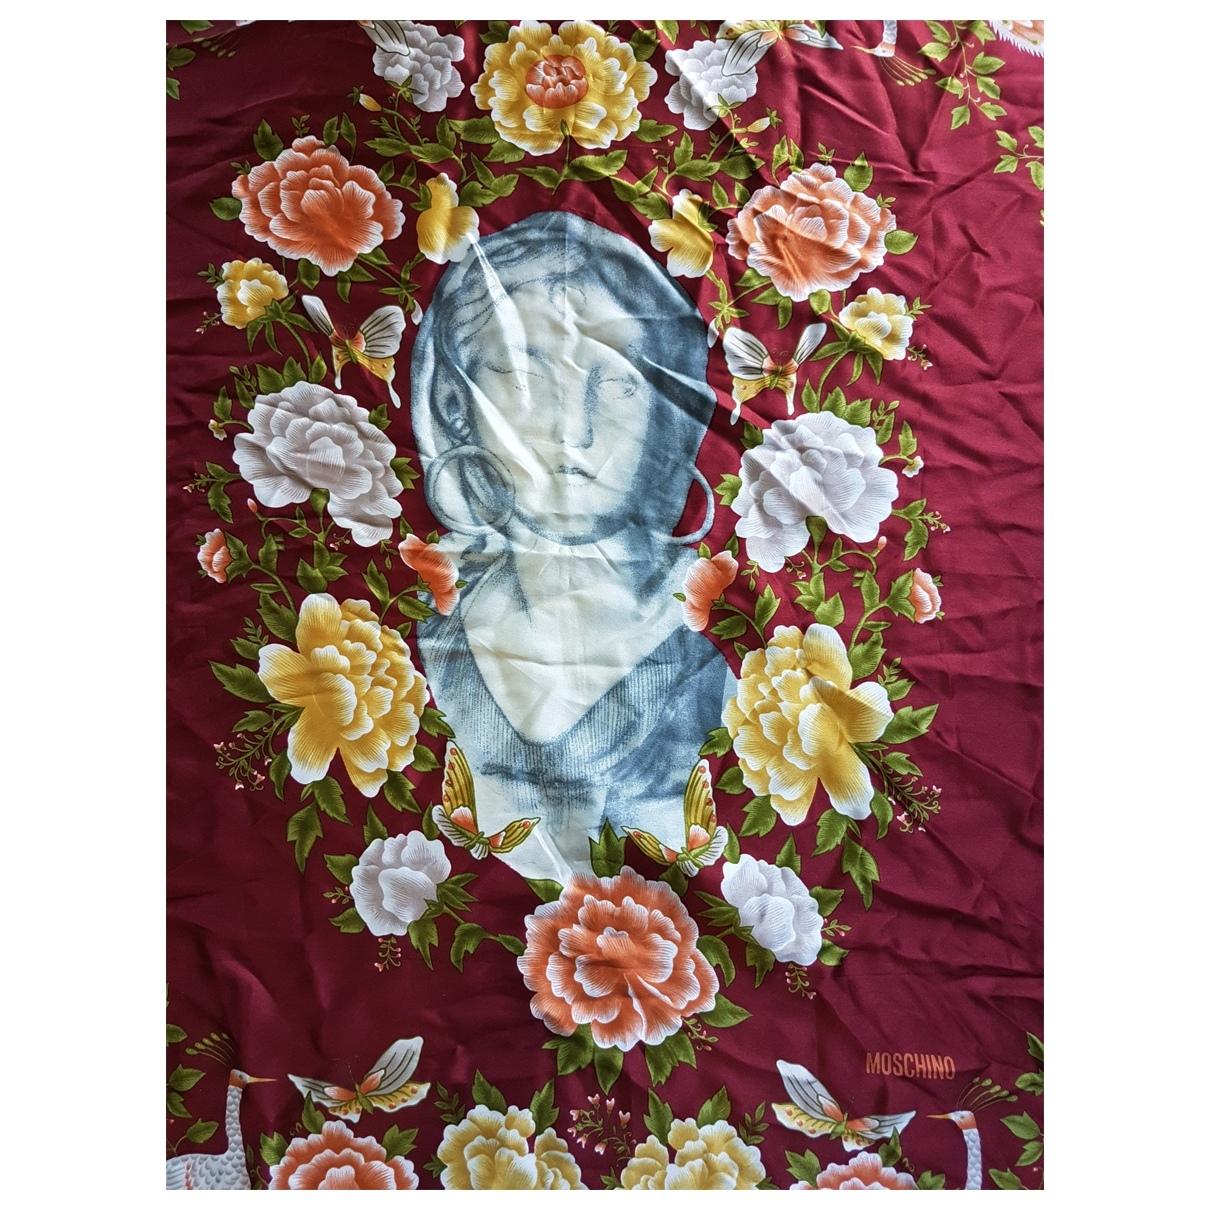 Moschino - Foulard   pour femme en soie - bordeaux